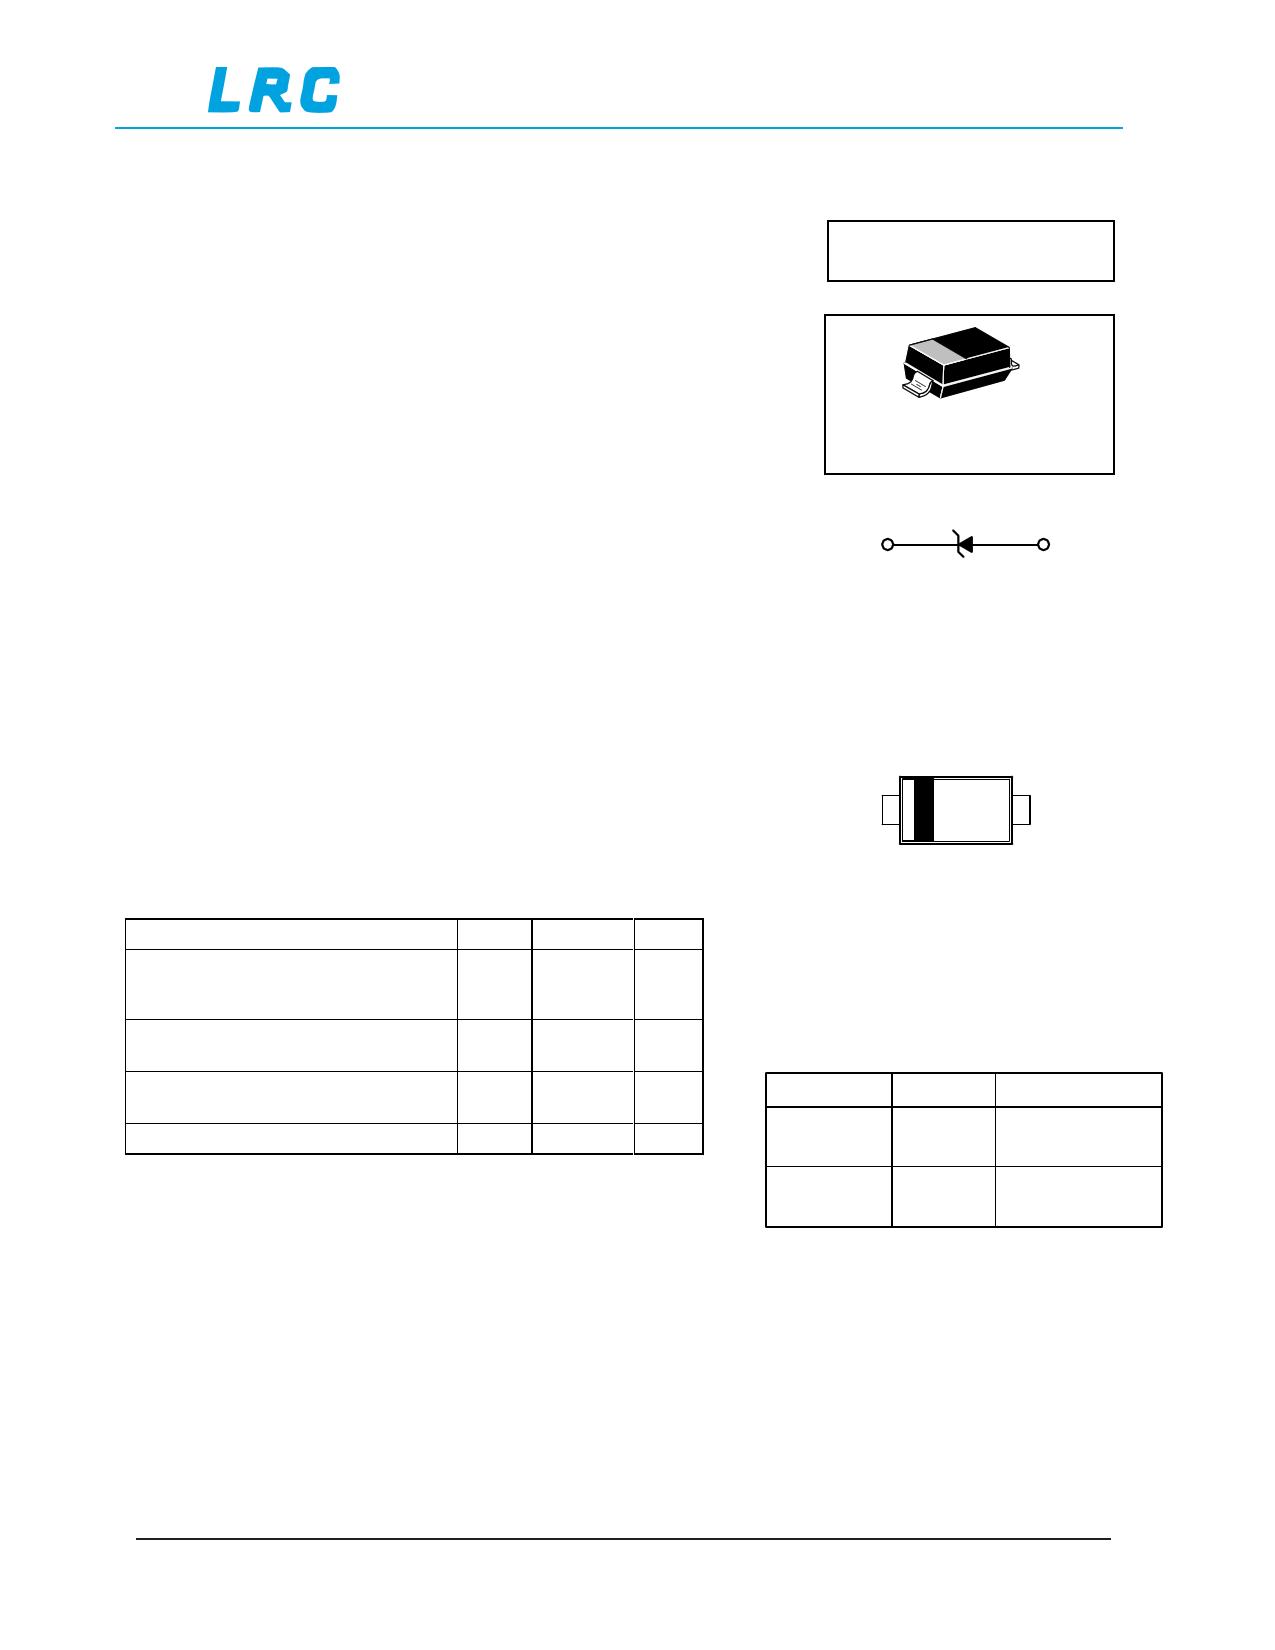 LMSZ4685T1G datasheet, circuit